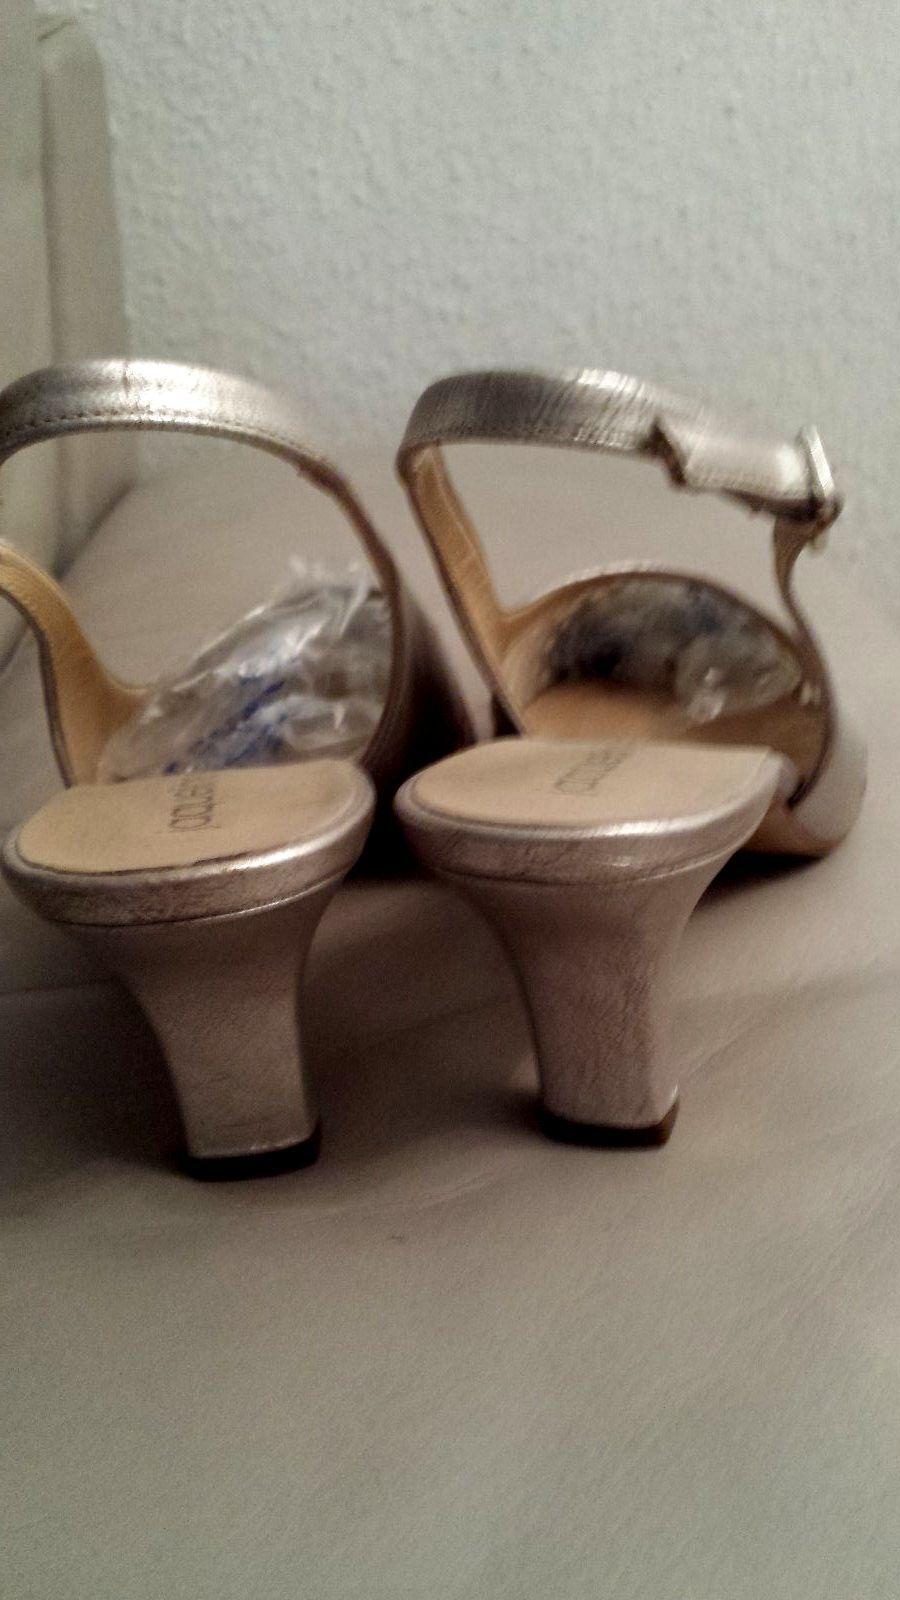 Damen Sand Pumps von Jaqueline Maué Sand Damen in Größe 5 a26c84